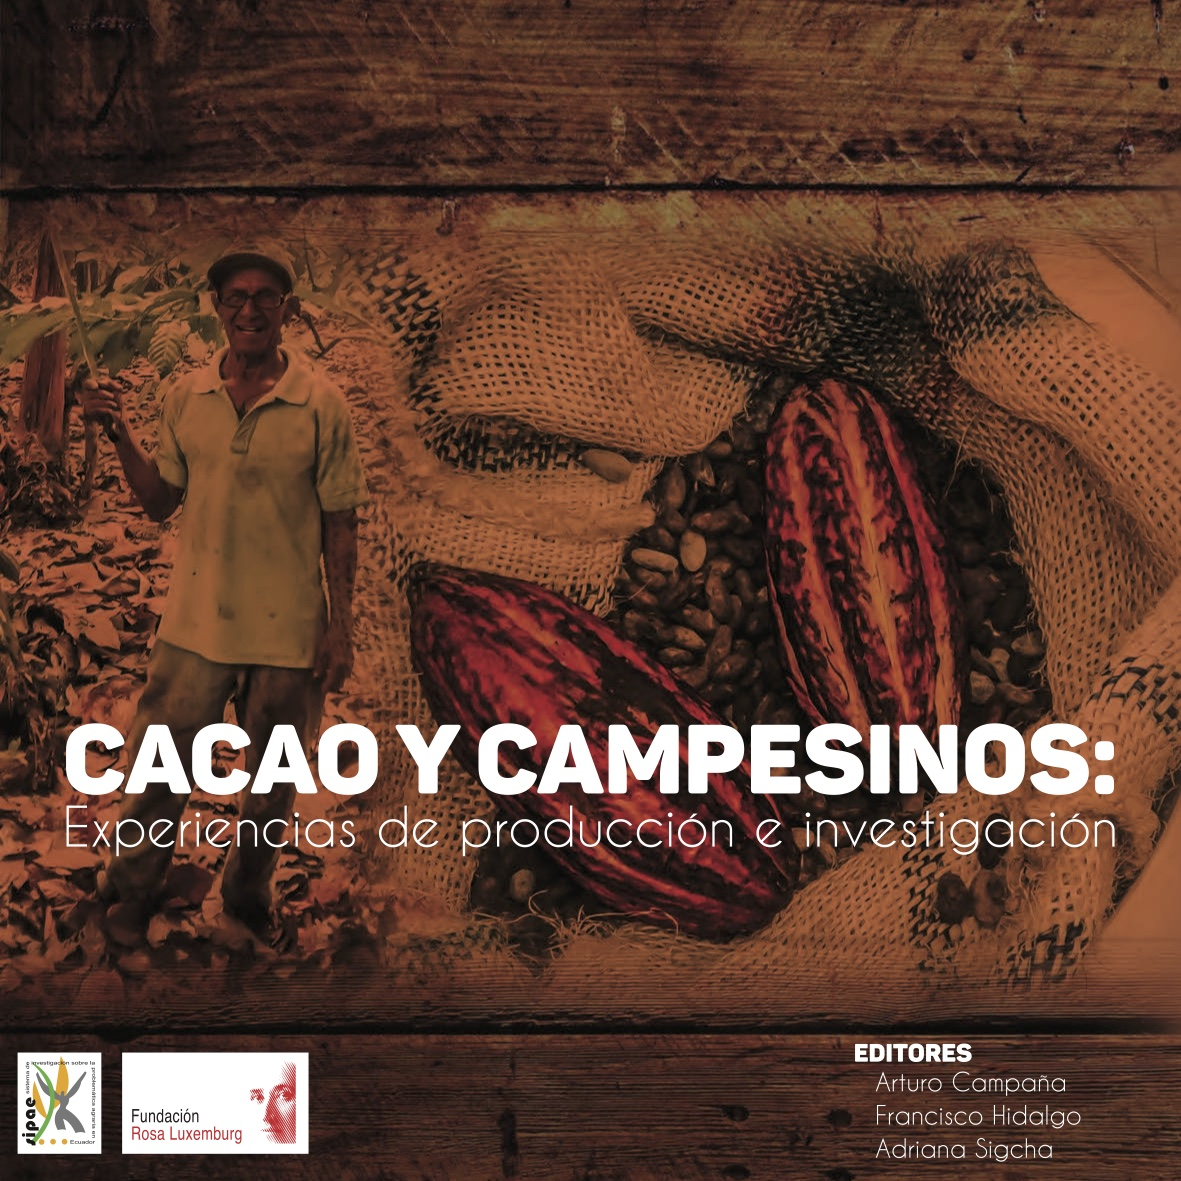 Cacao y Campesinos: experiencias de producción e investigación Image principale